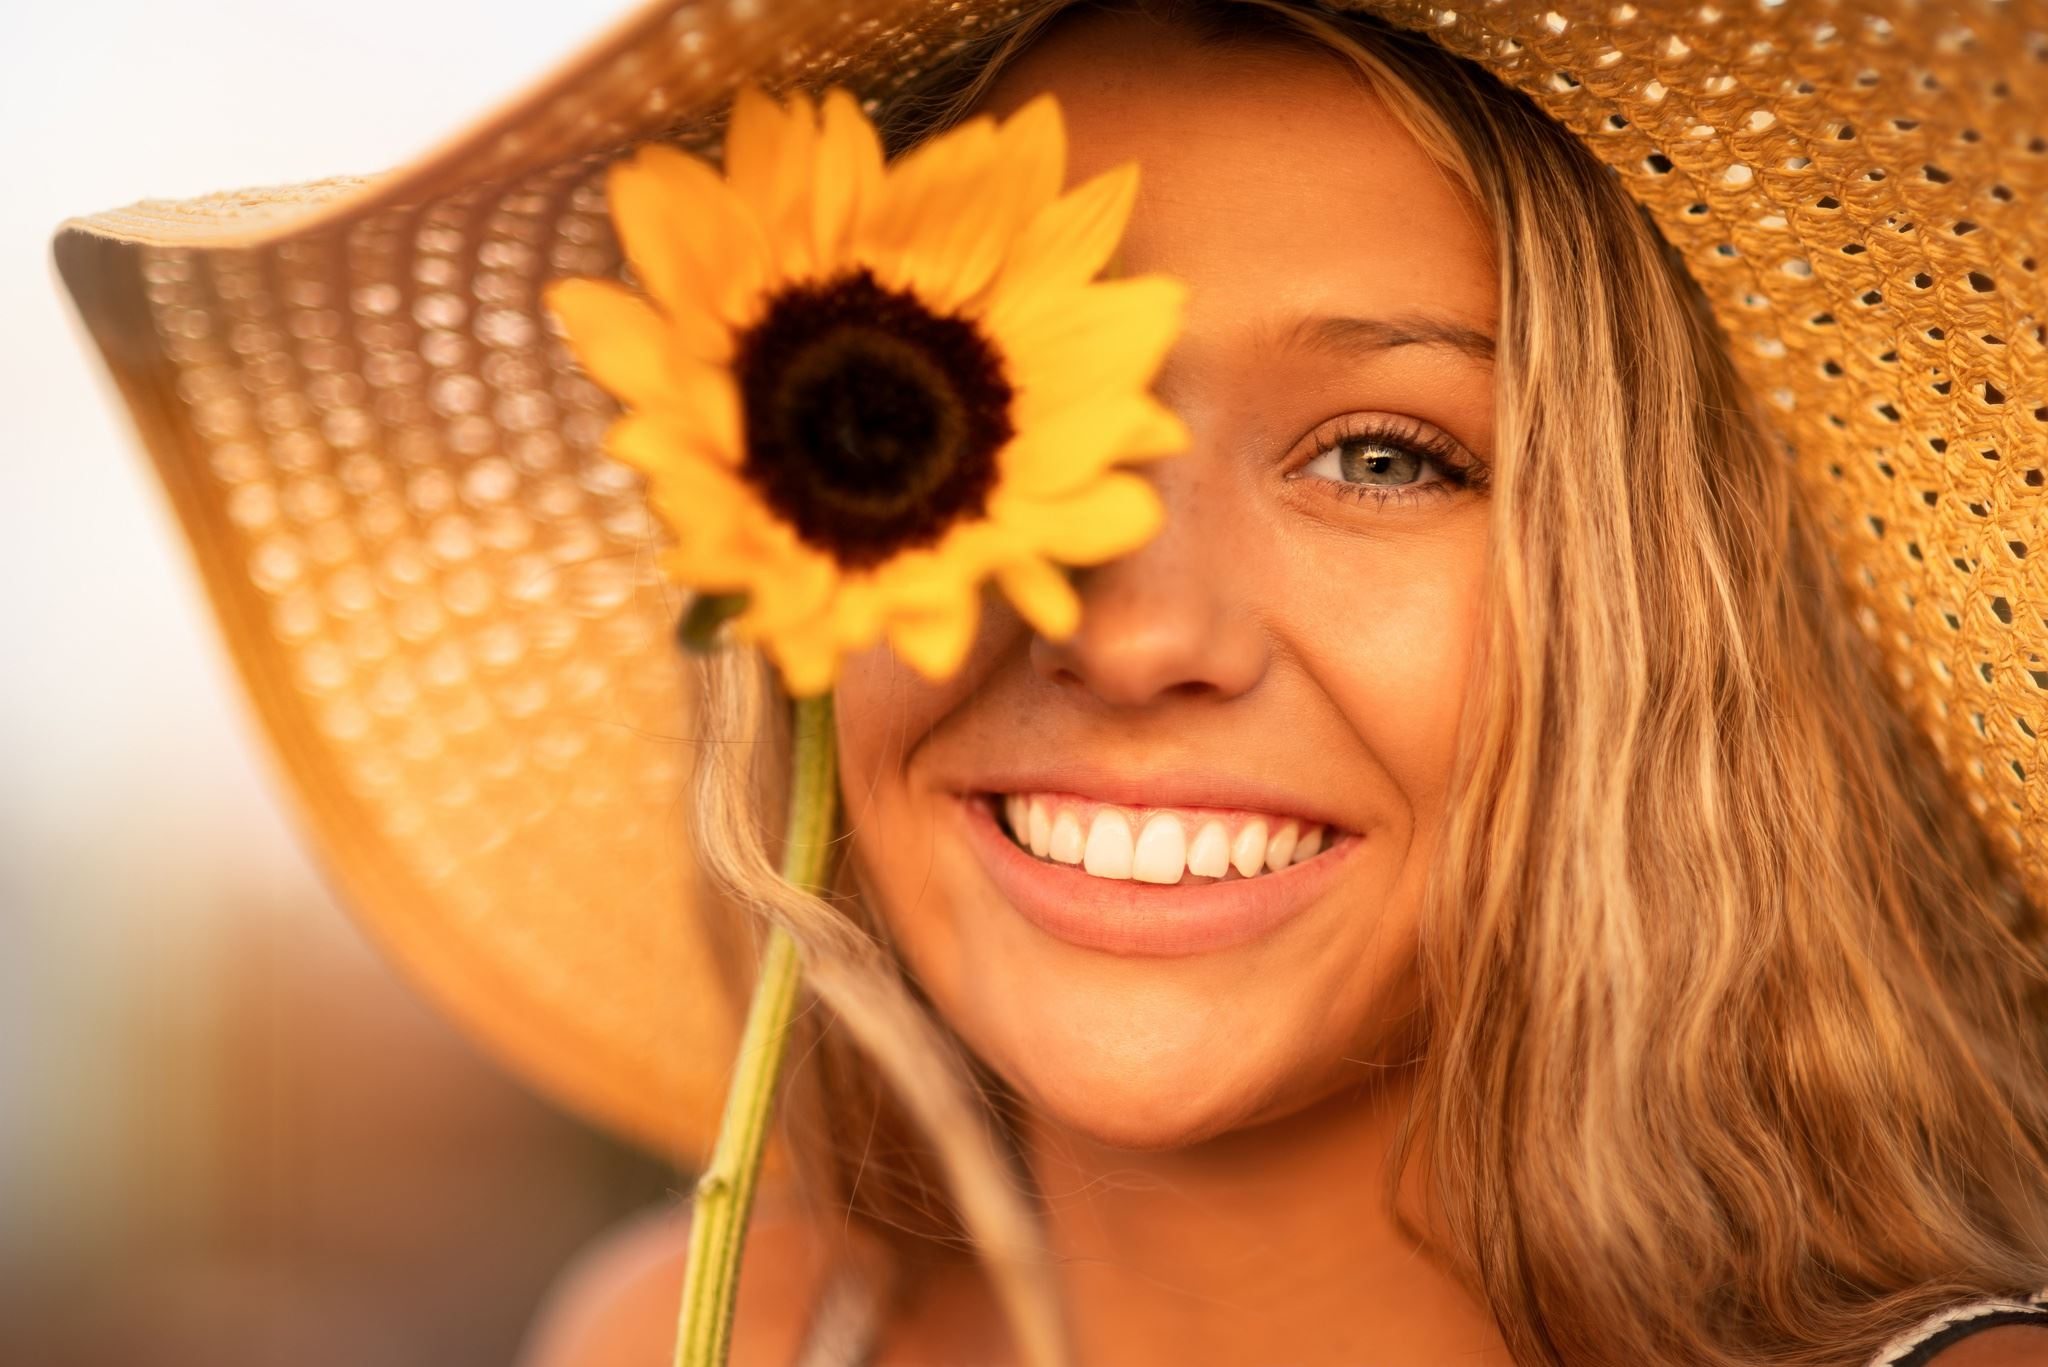 Открытки городов, картинки солнечного настроения и улыбок